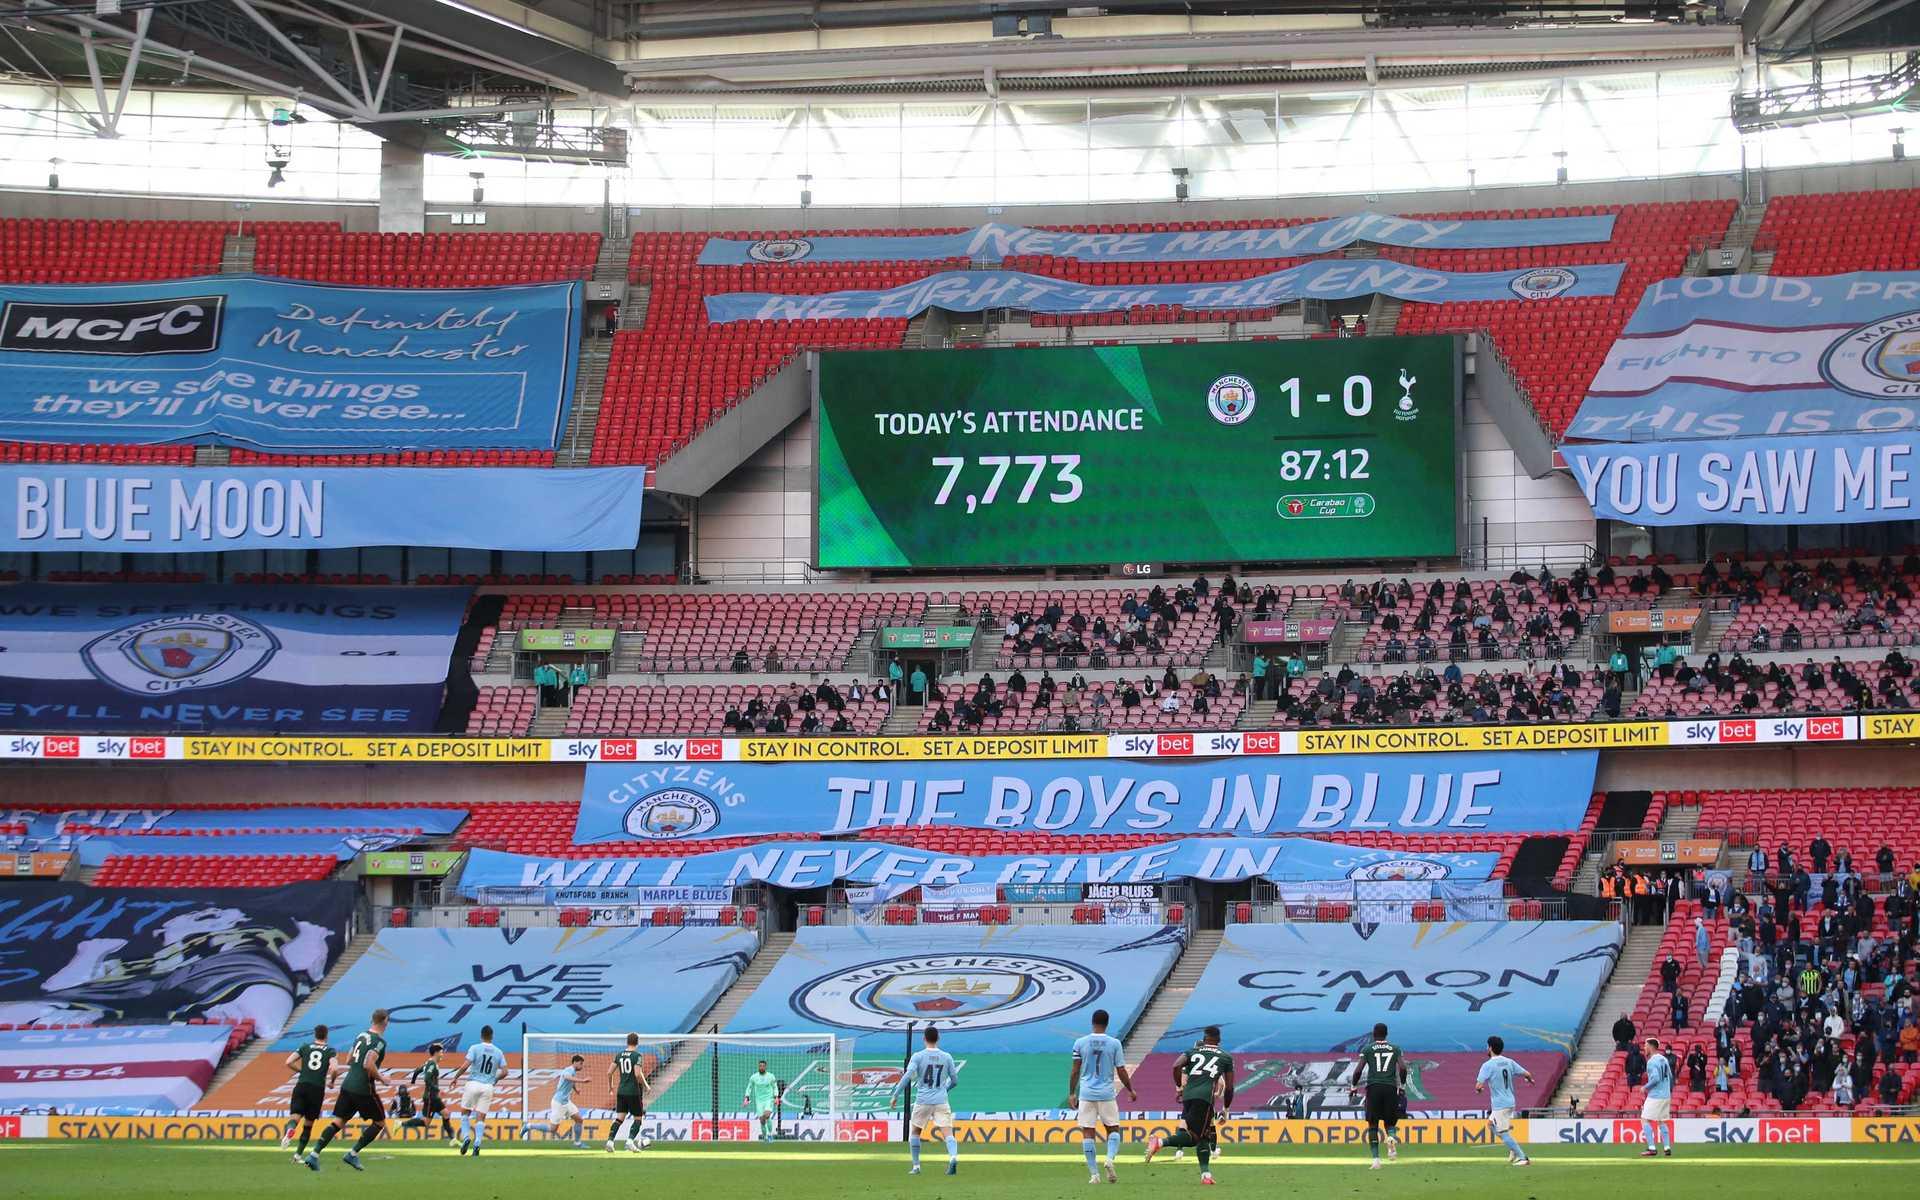 Liga inglesa muda datas das últimas jornadas para ter público nos estádios